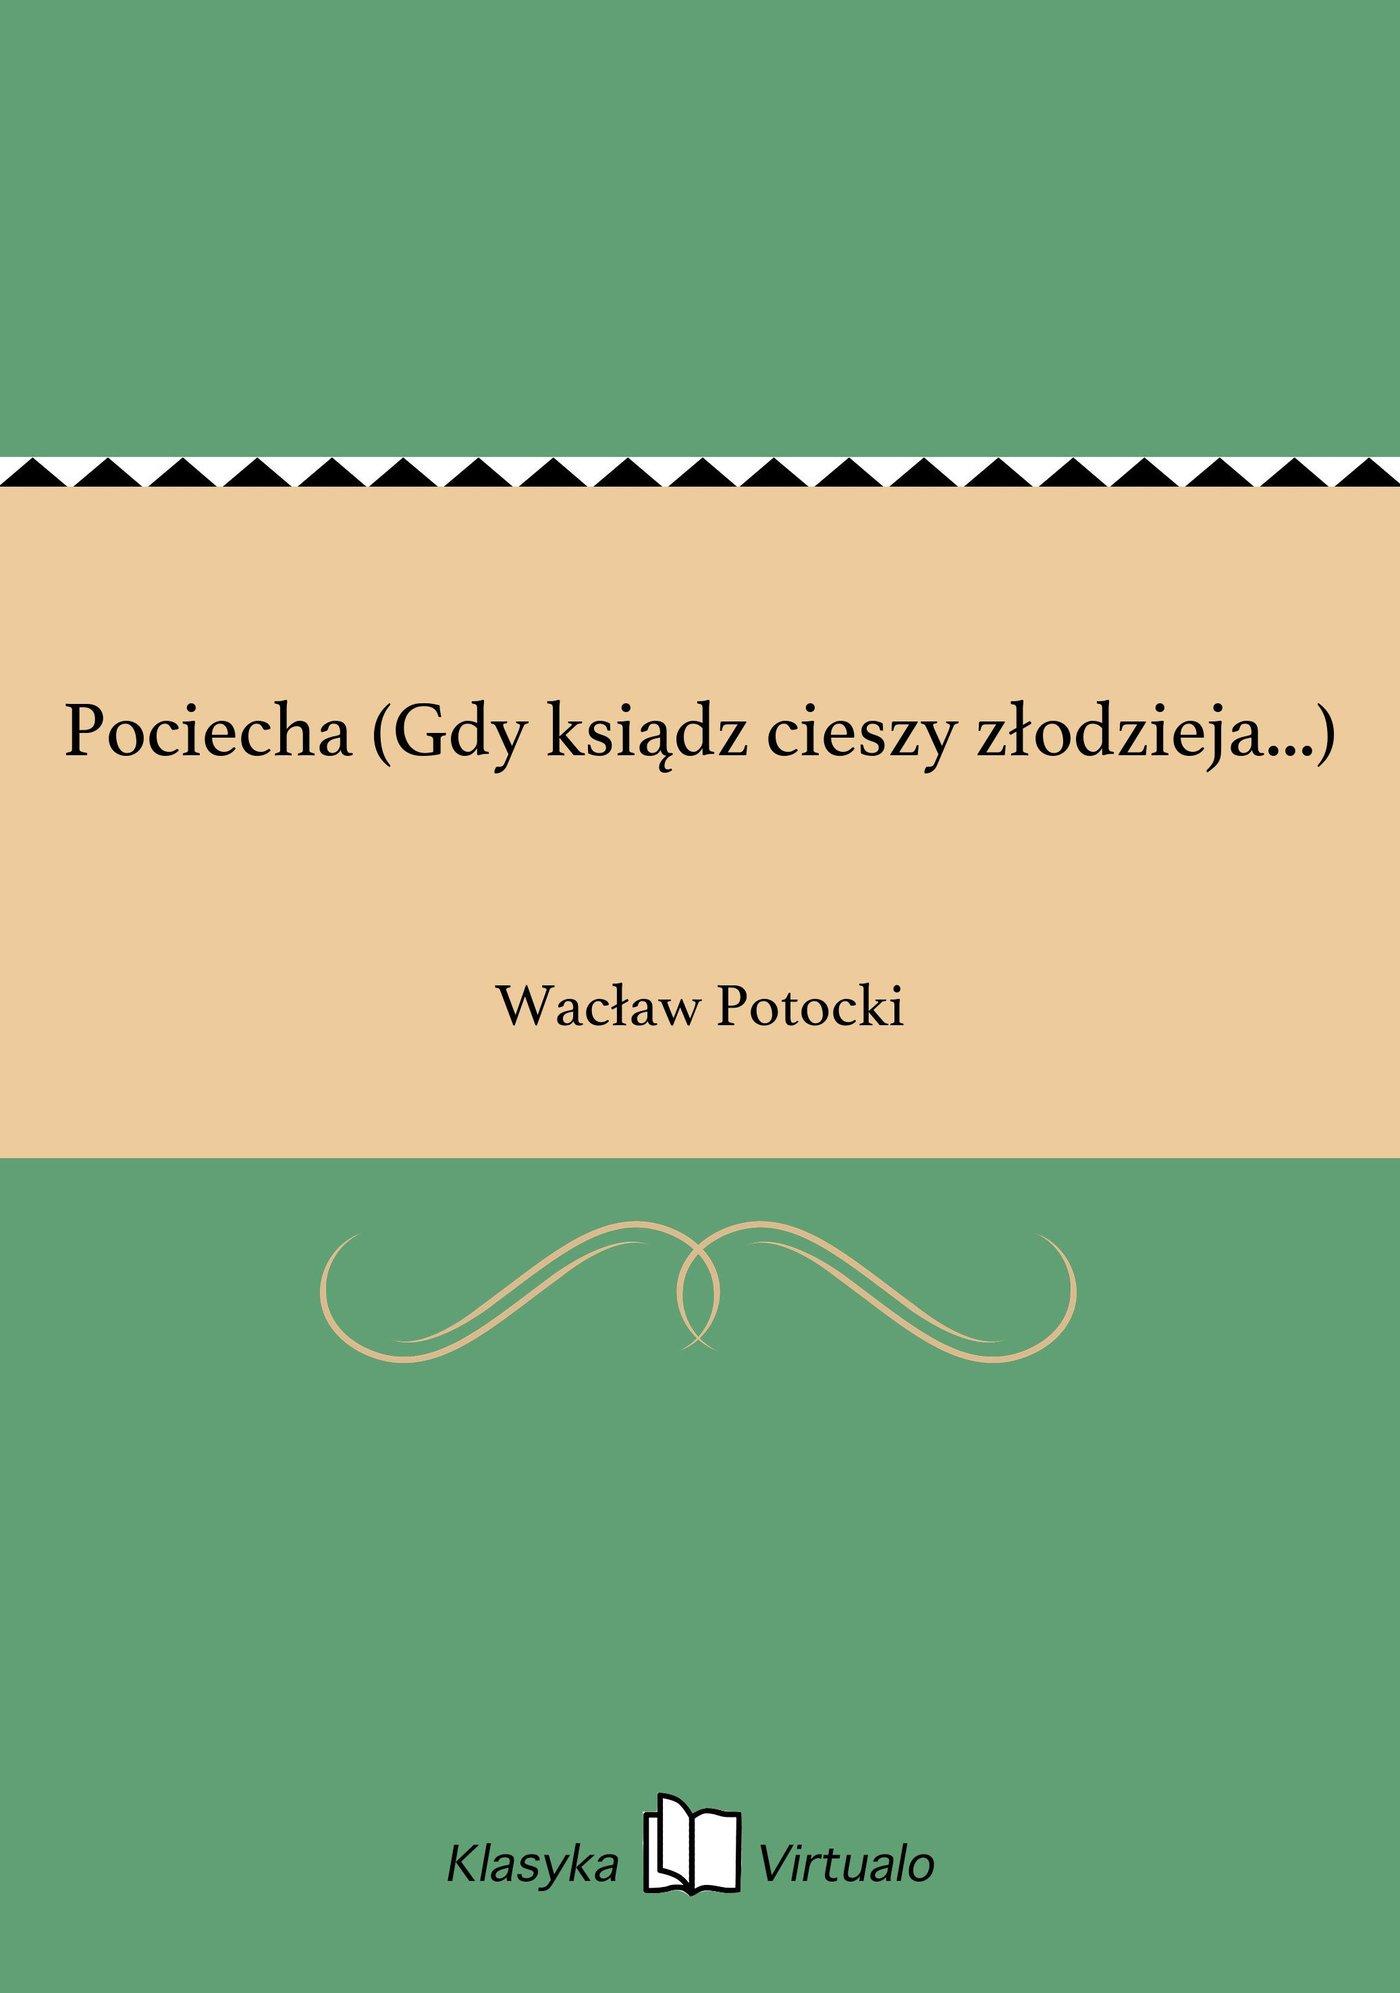 Pociecha (Gdy ksiądz cieszy złodzieja...) - Ebook (Książka EPUB) do pobrania w formacie EPUB